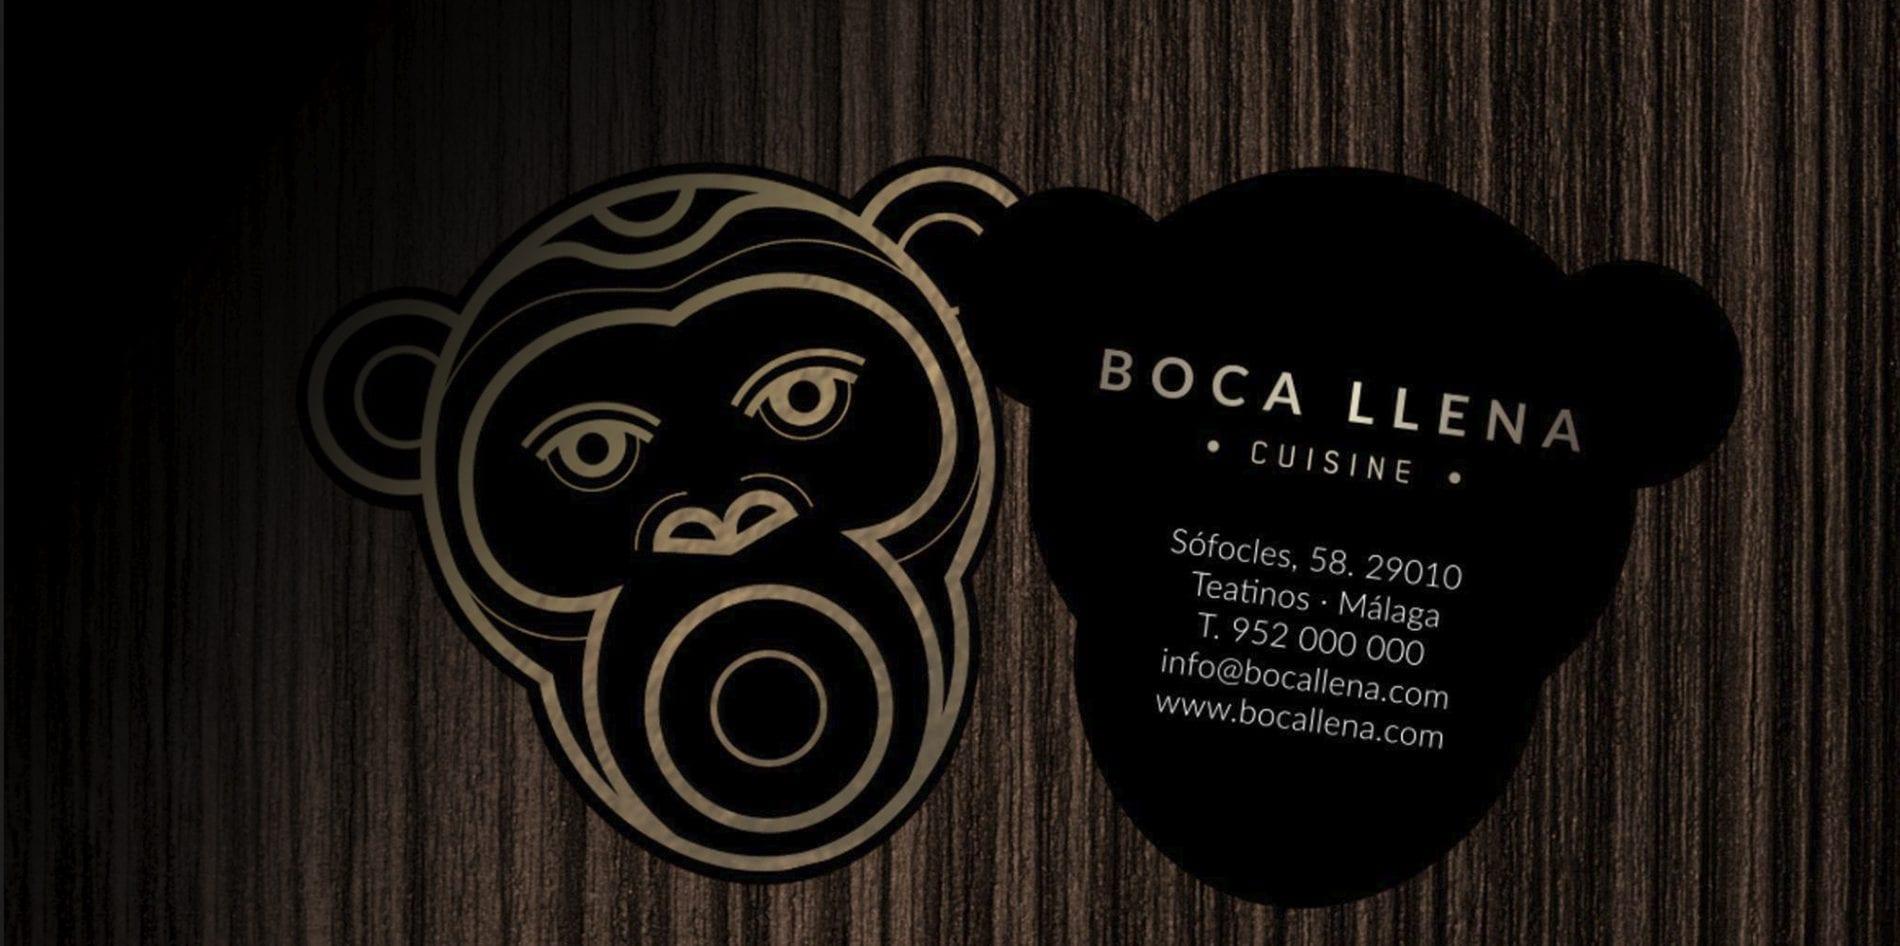 Diseño de logotipo y branding para restaurante Bocallena en Málaga